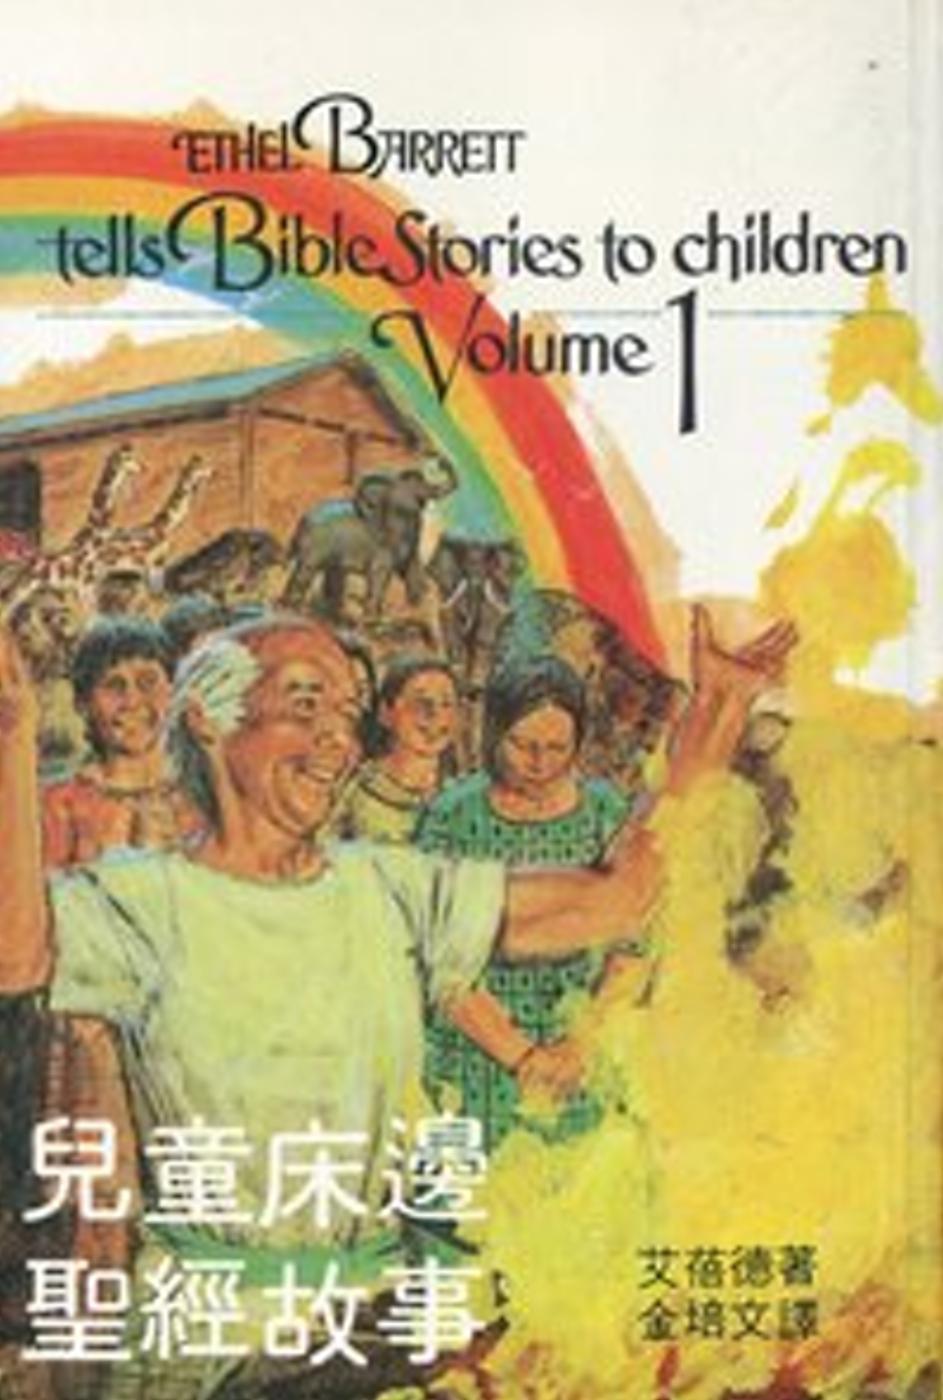 兒童床邊聖經故事(1)